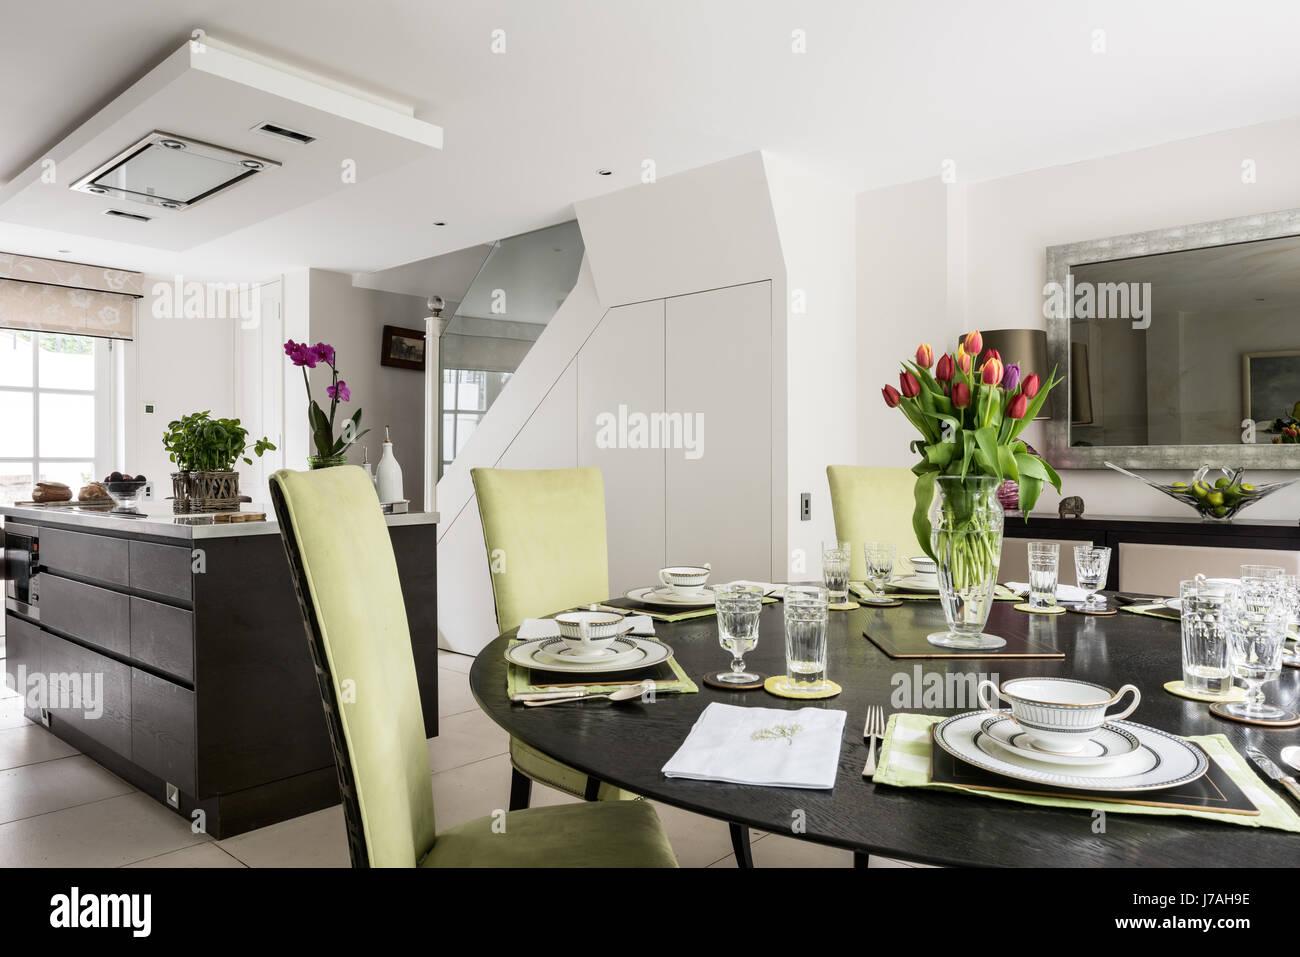 Offene Küche-Esszimmer mit Highback gepolsterte Stühle Stockfoto ...